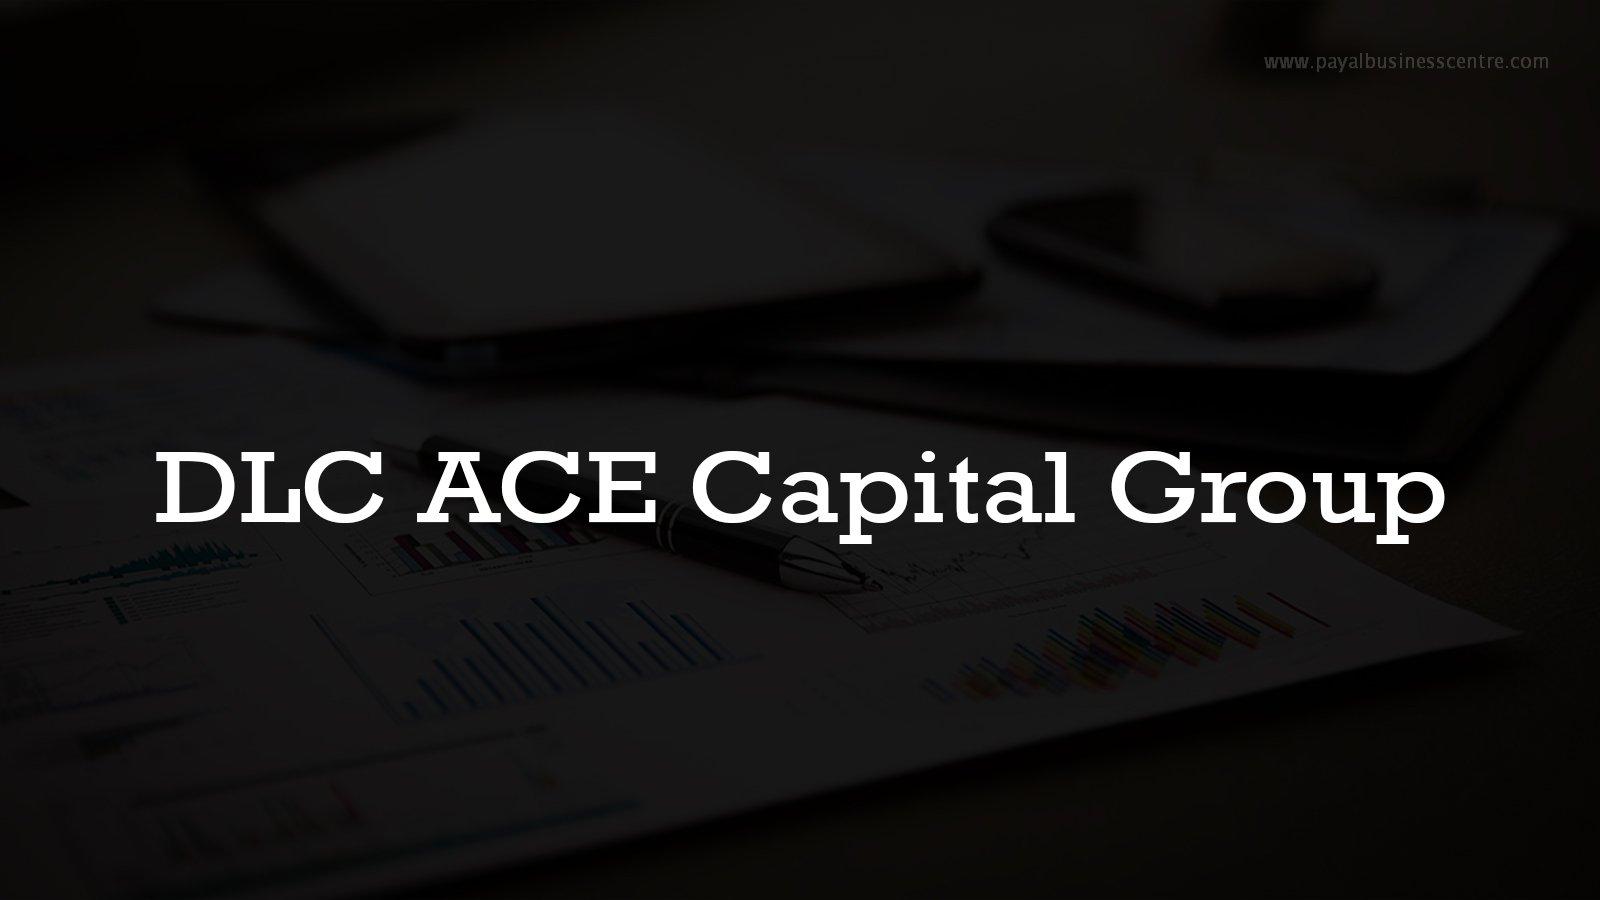 DLC ACE Capital Group - Finance - 205-12837 76th ave